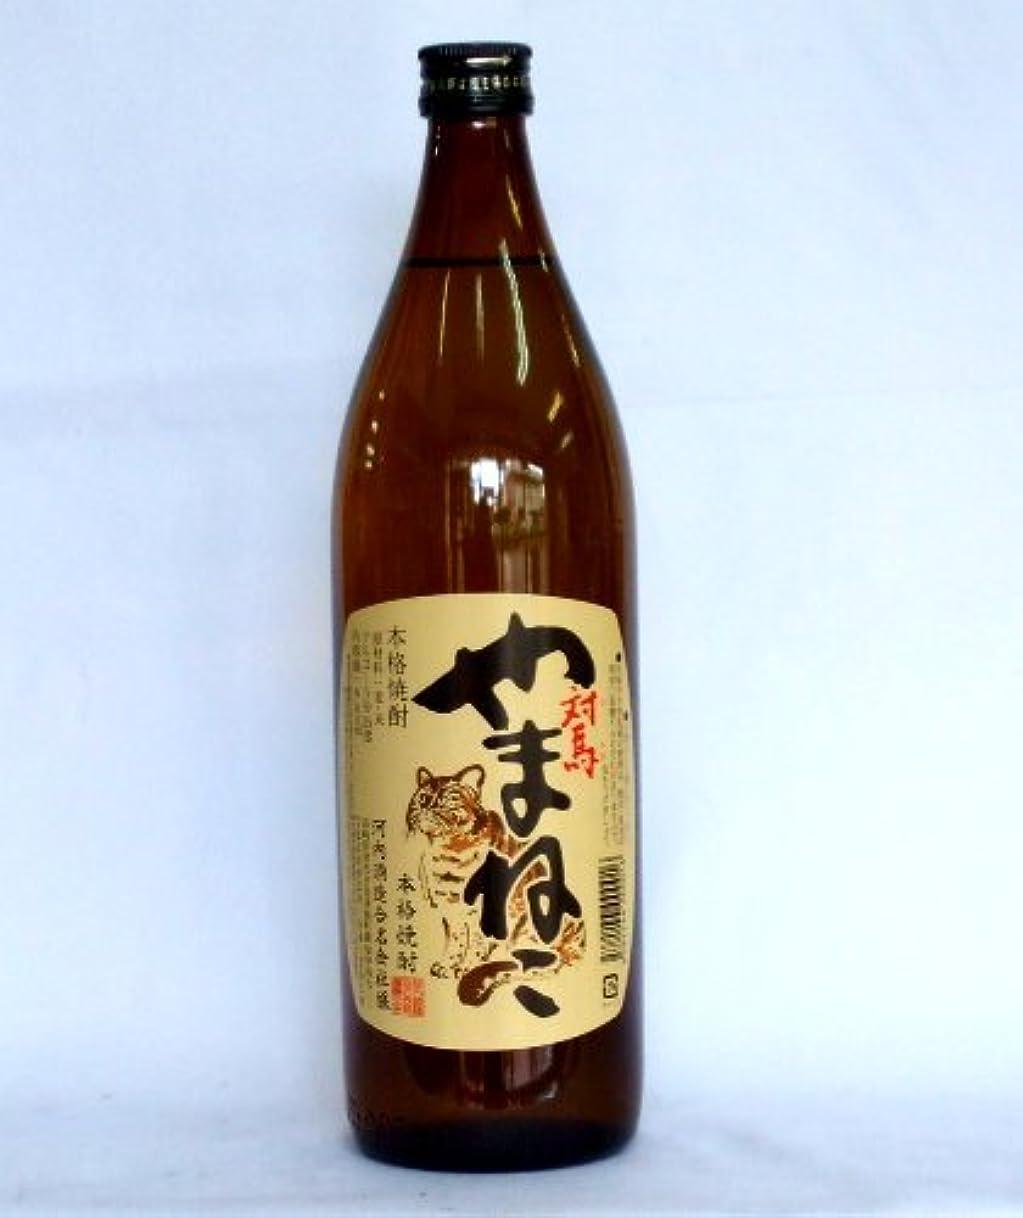 貨物バルコニー記者【長崎県】麦焼酎 河内酒造 「対馬やまねこ」 900ml